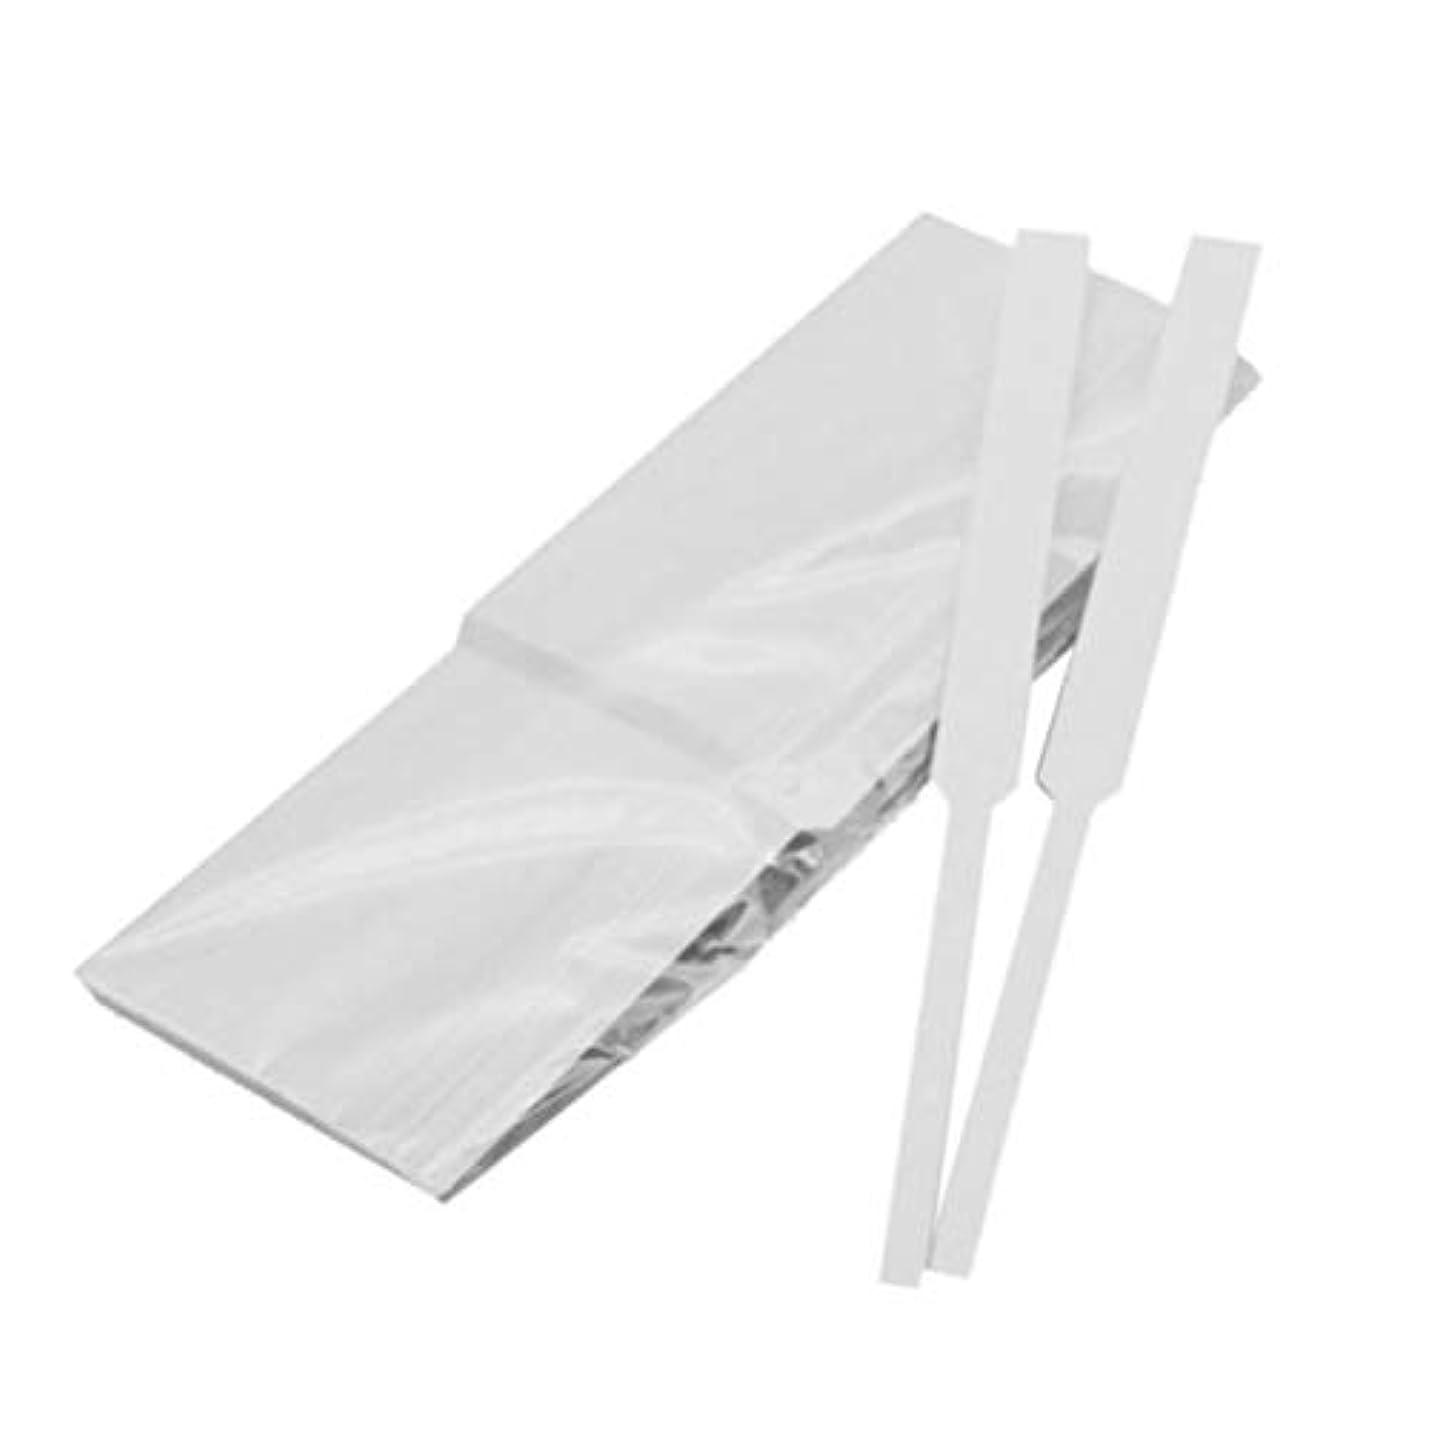 生きているロデオ上にFrcolor 試香紙 香料試験紙 プロ用 香水 香水テストストリップ 匂い紙 アロマテラピー ペーパー 100本セット(スタイル1)